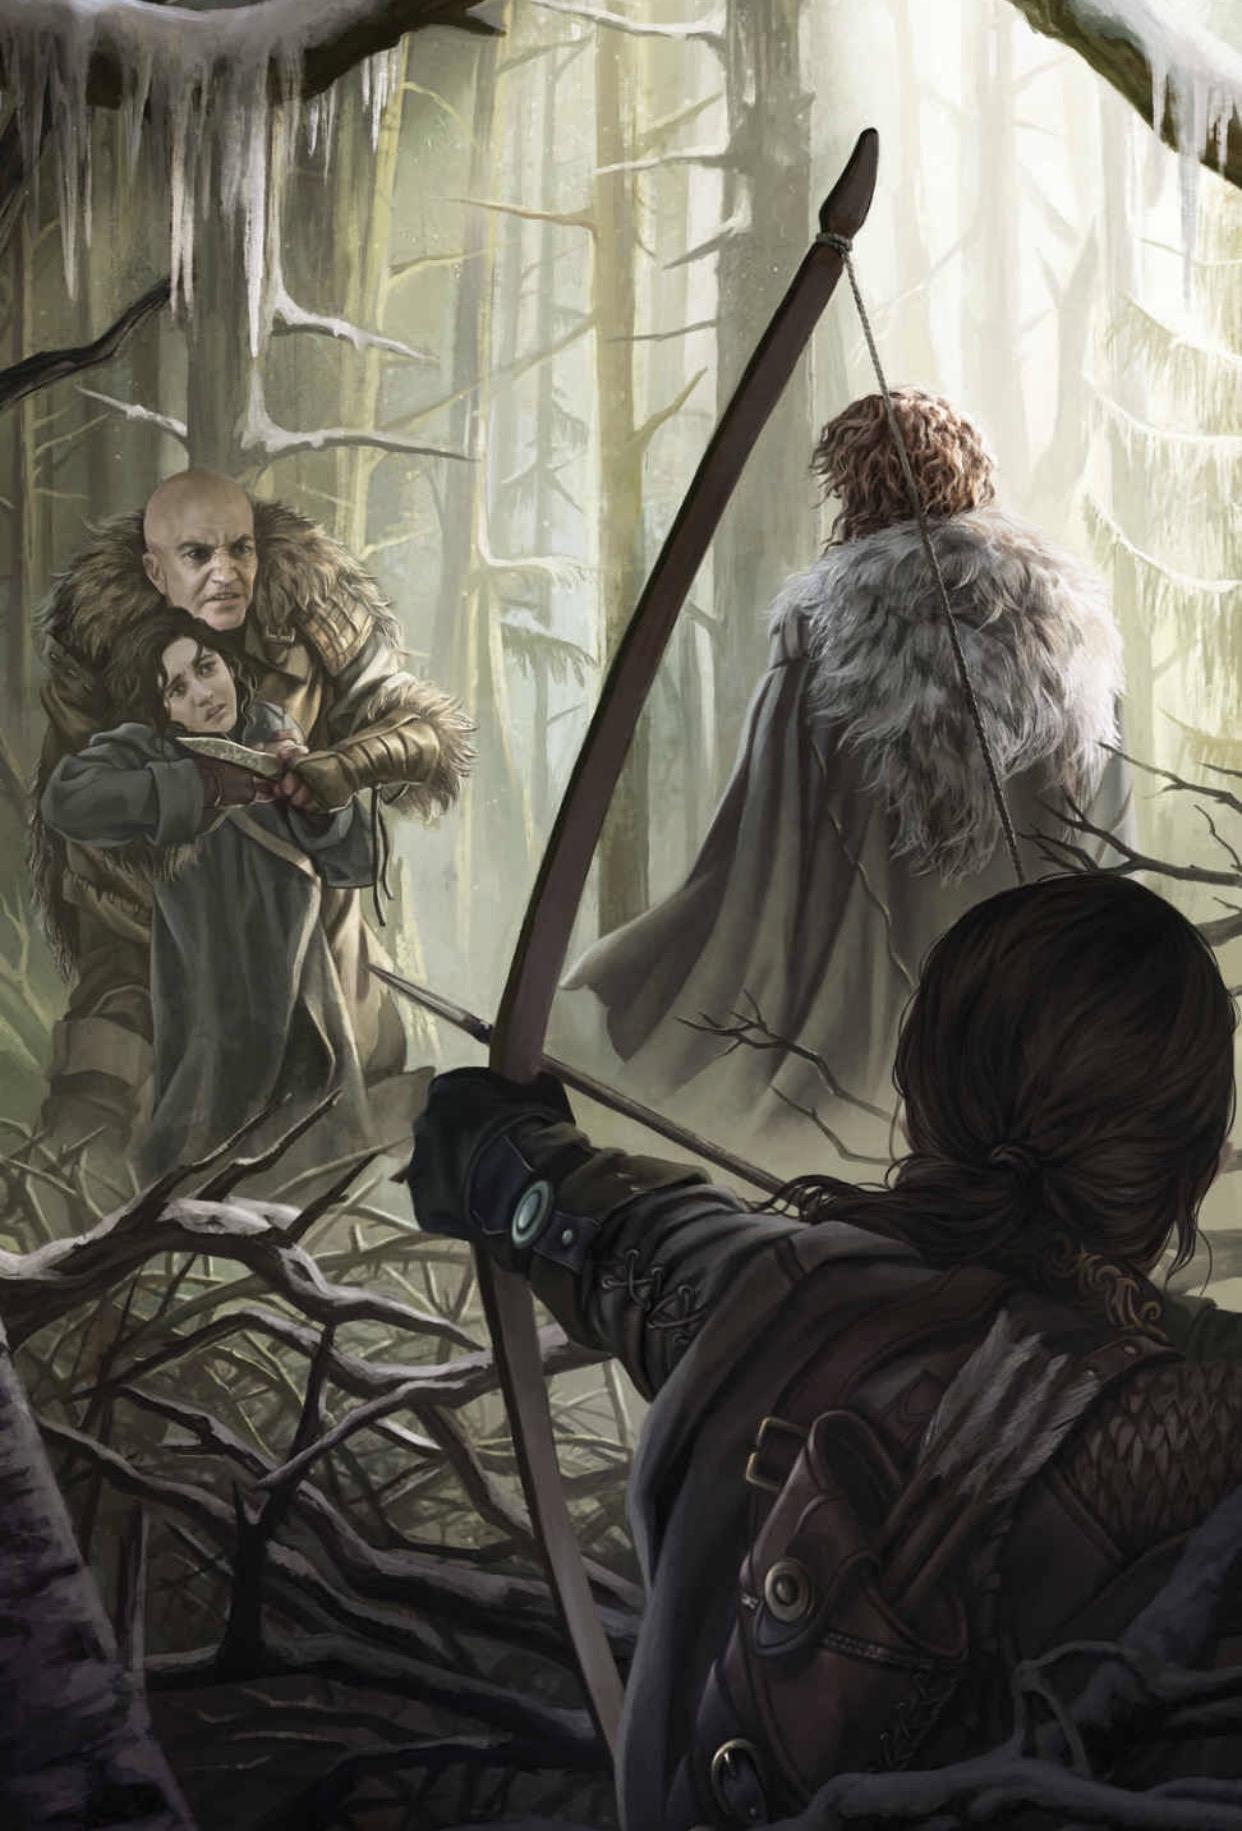 A Game of Thrones - Kapitel 37 - Bran V